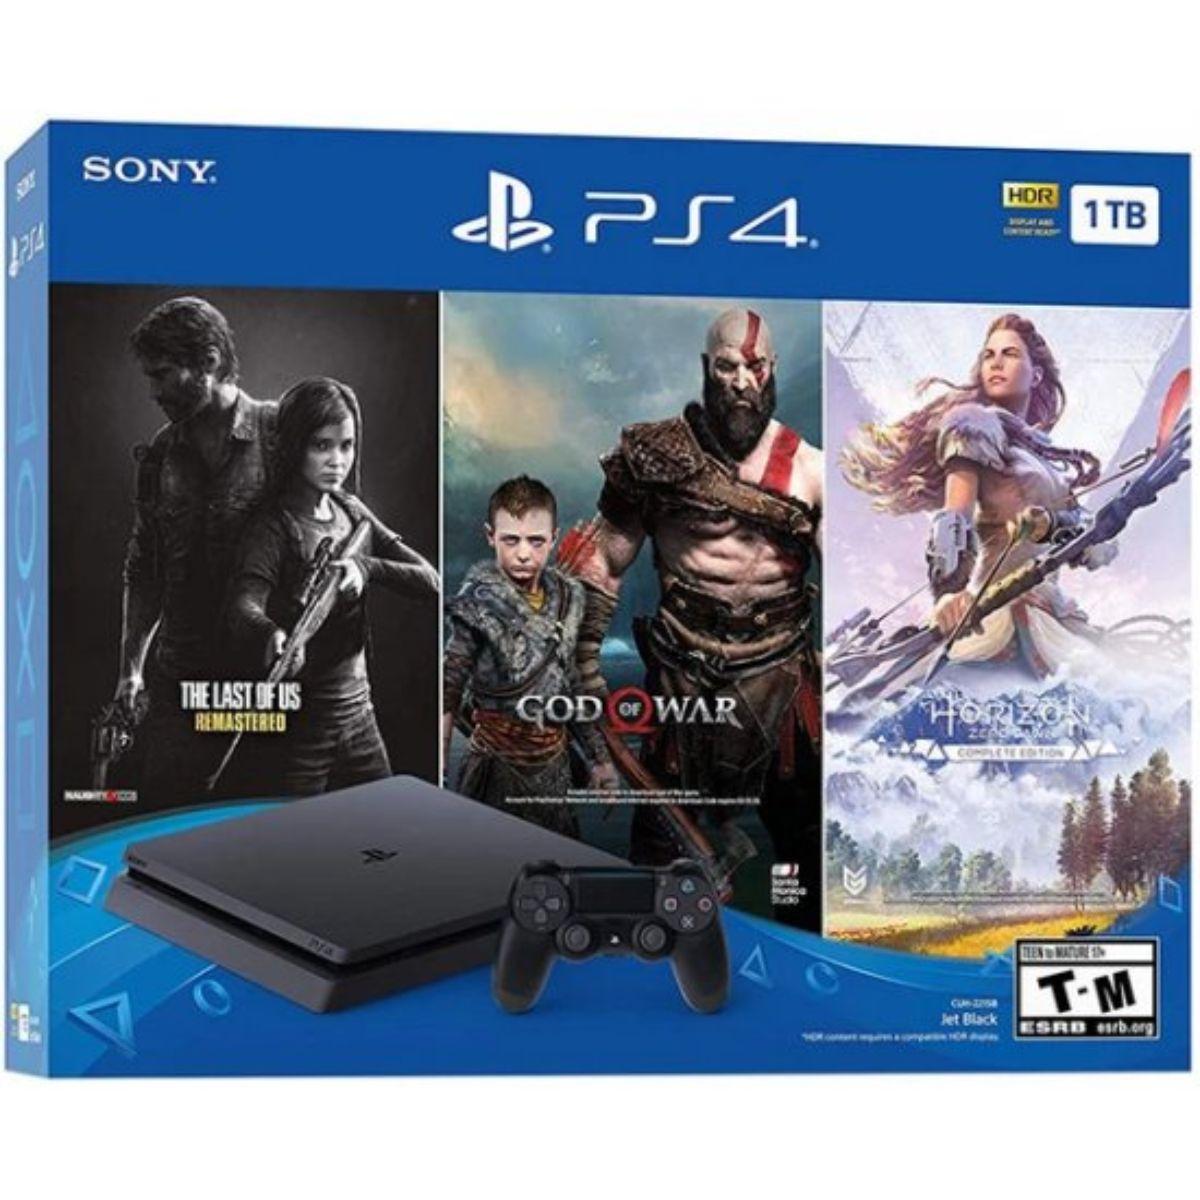 קונסולת משחק Sony PlayStation 4 Slim 1TB ושלושה משחקים